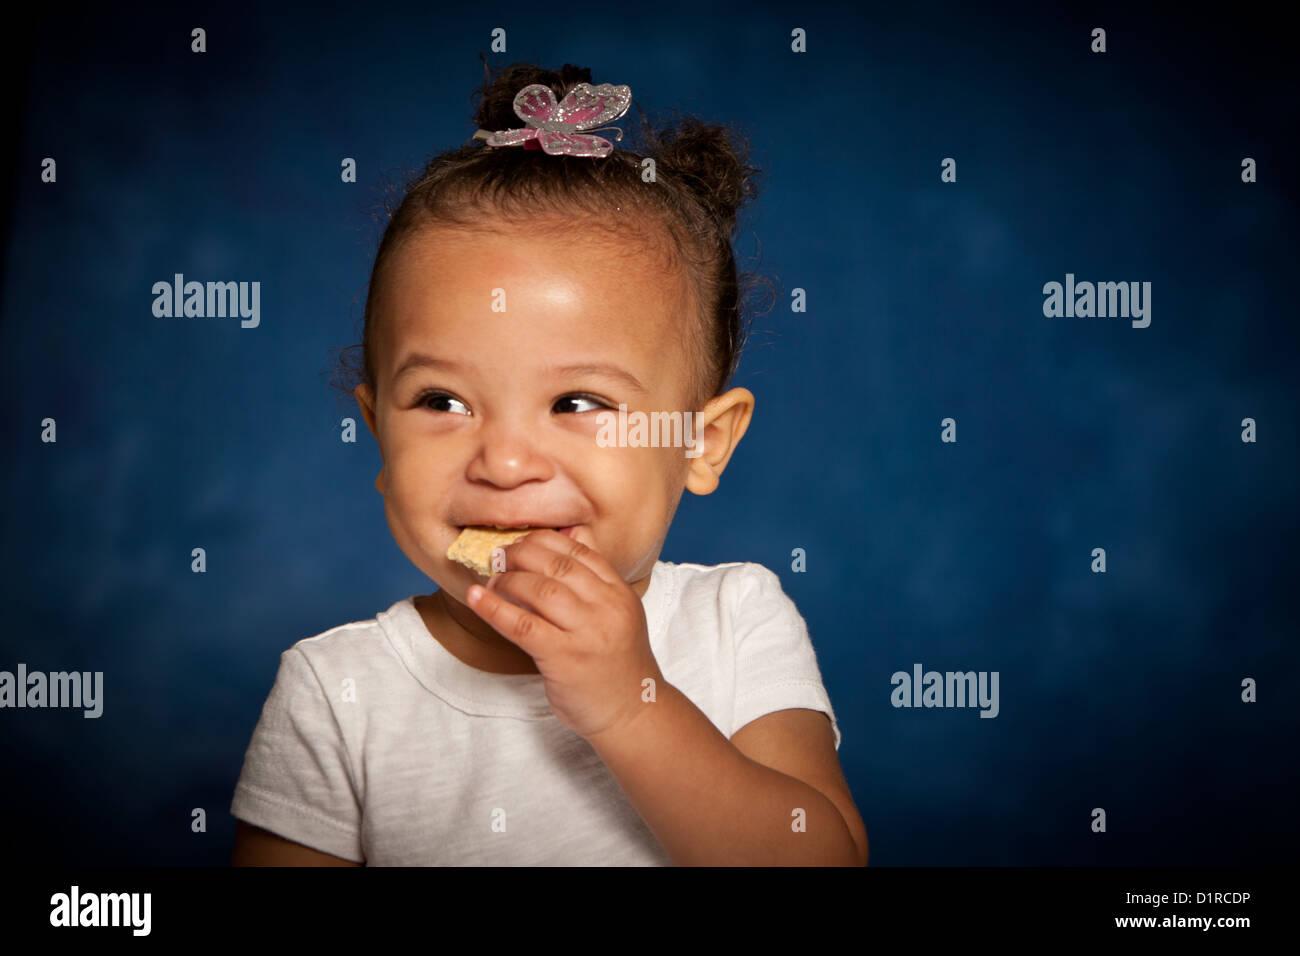 Joli studio portrait of a mixed race girl eating un biscuit avec un sourire espiègle sur son visage Photo Stock